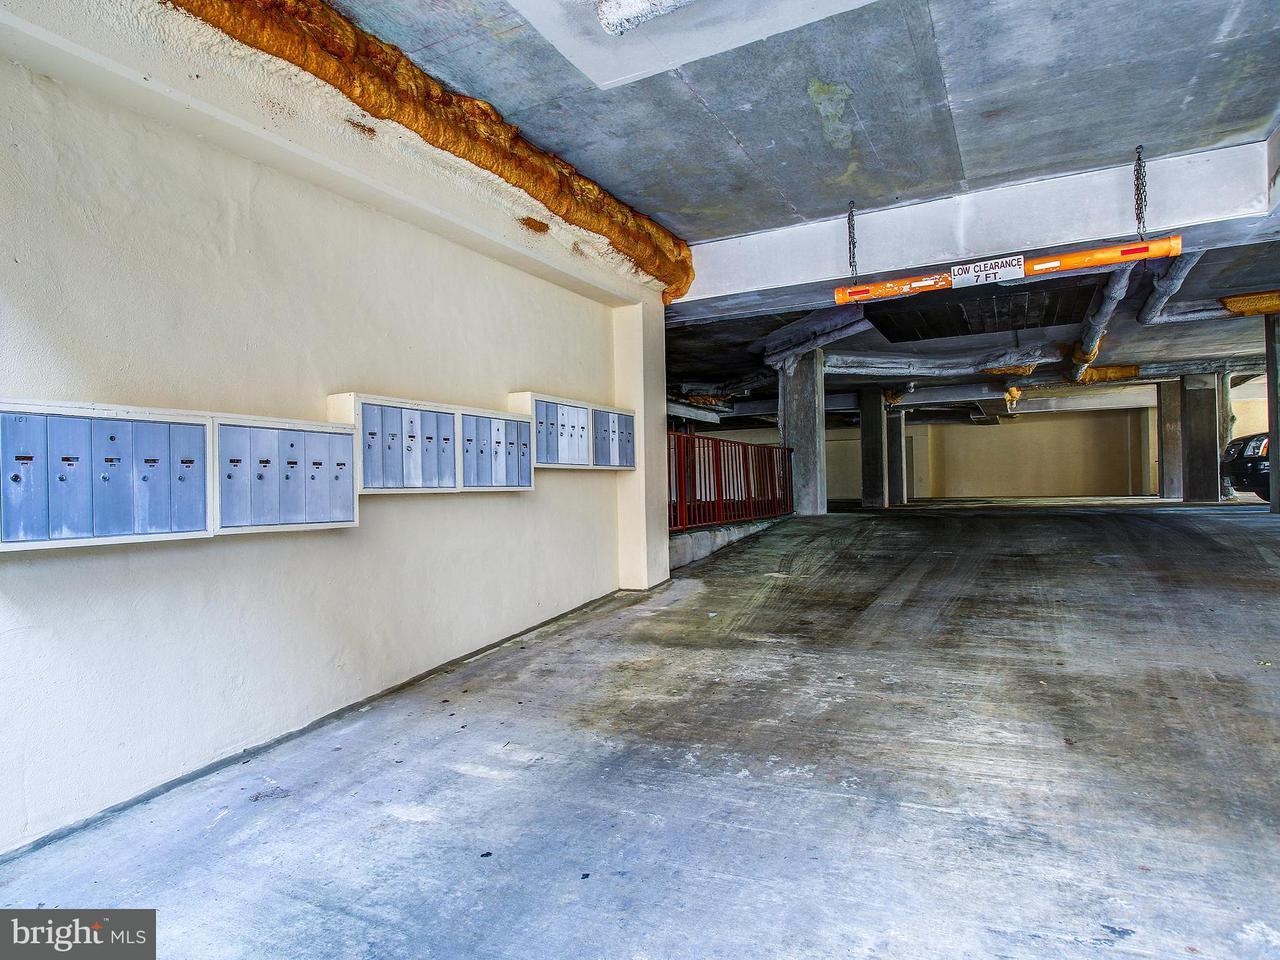 共管式独立产权公寓 为 销售 在 12705 Wight St #207 12705 Wight St #207 大洋城, 马里兰州 21842 美国